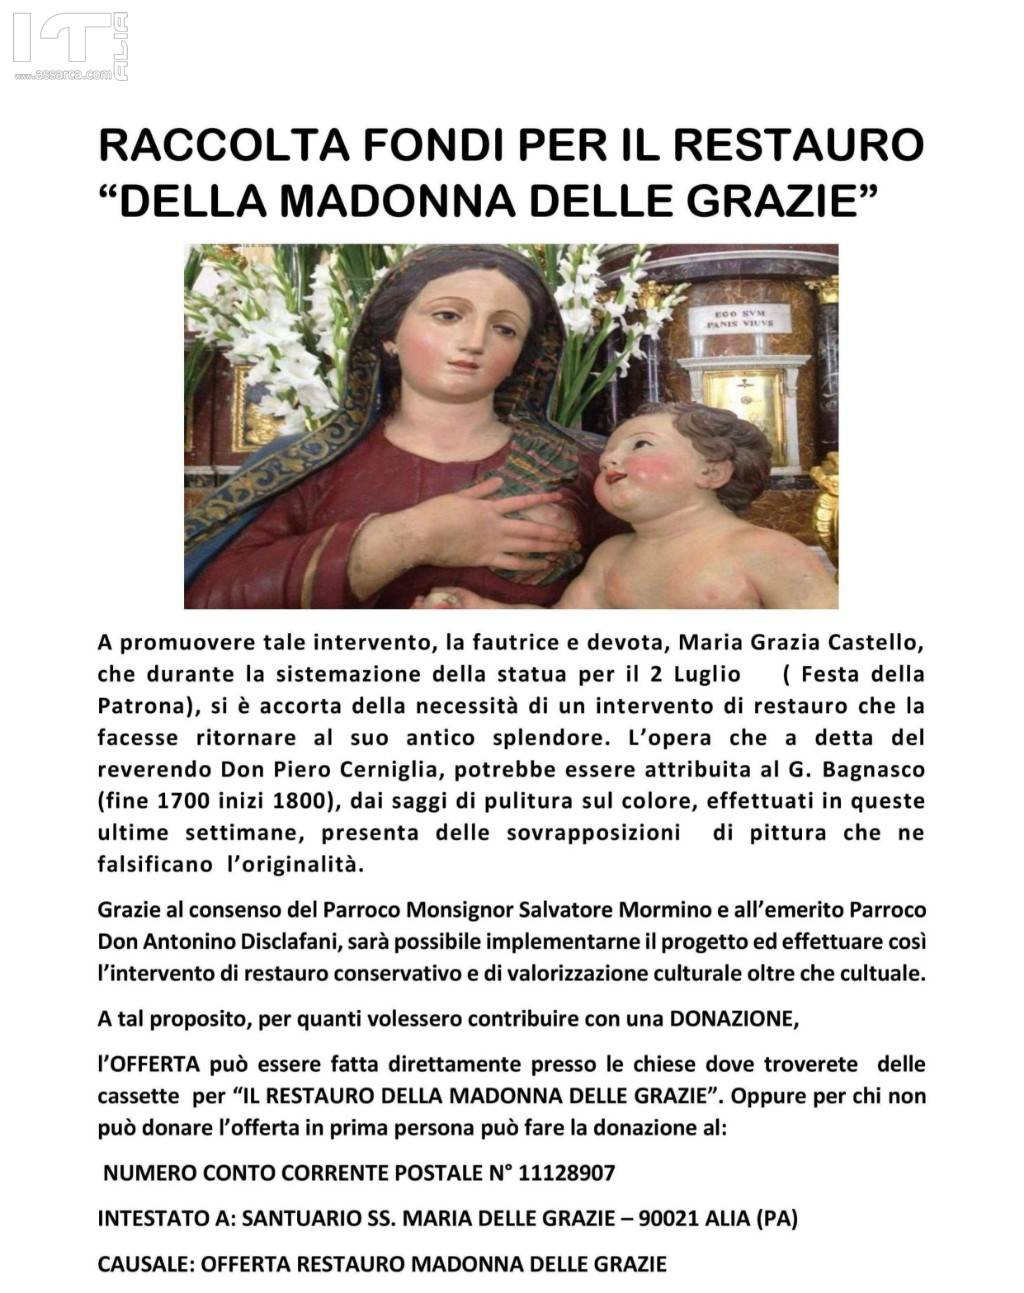 RESTAURO DELLA MADONA DELLE GRAZIE